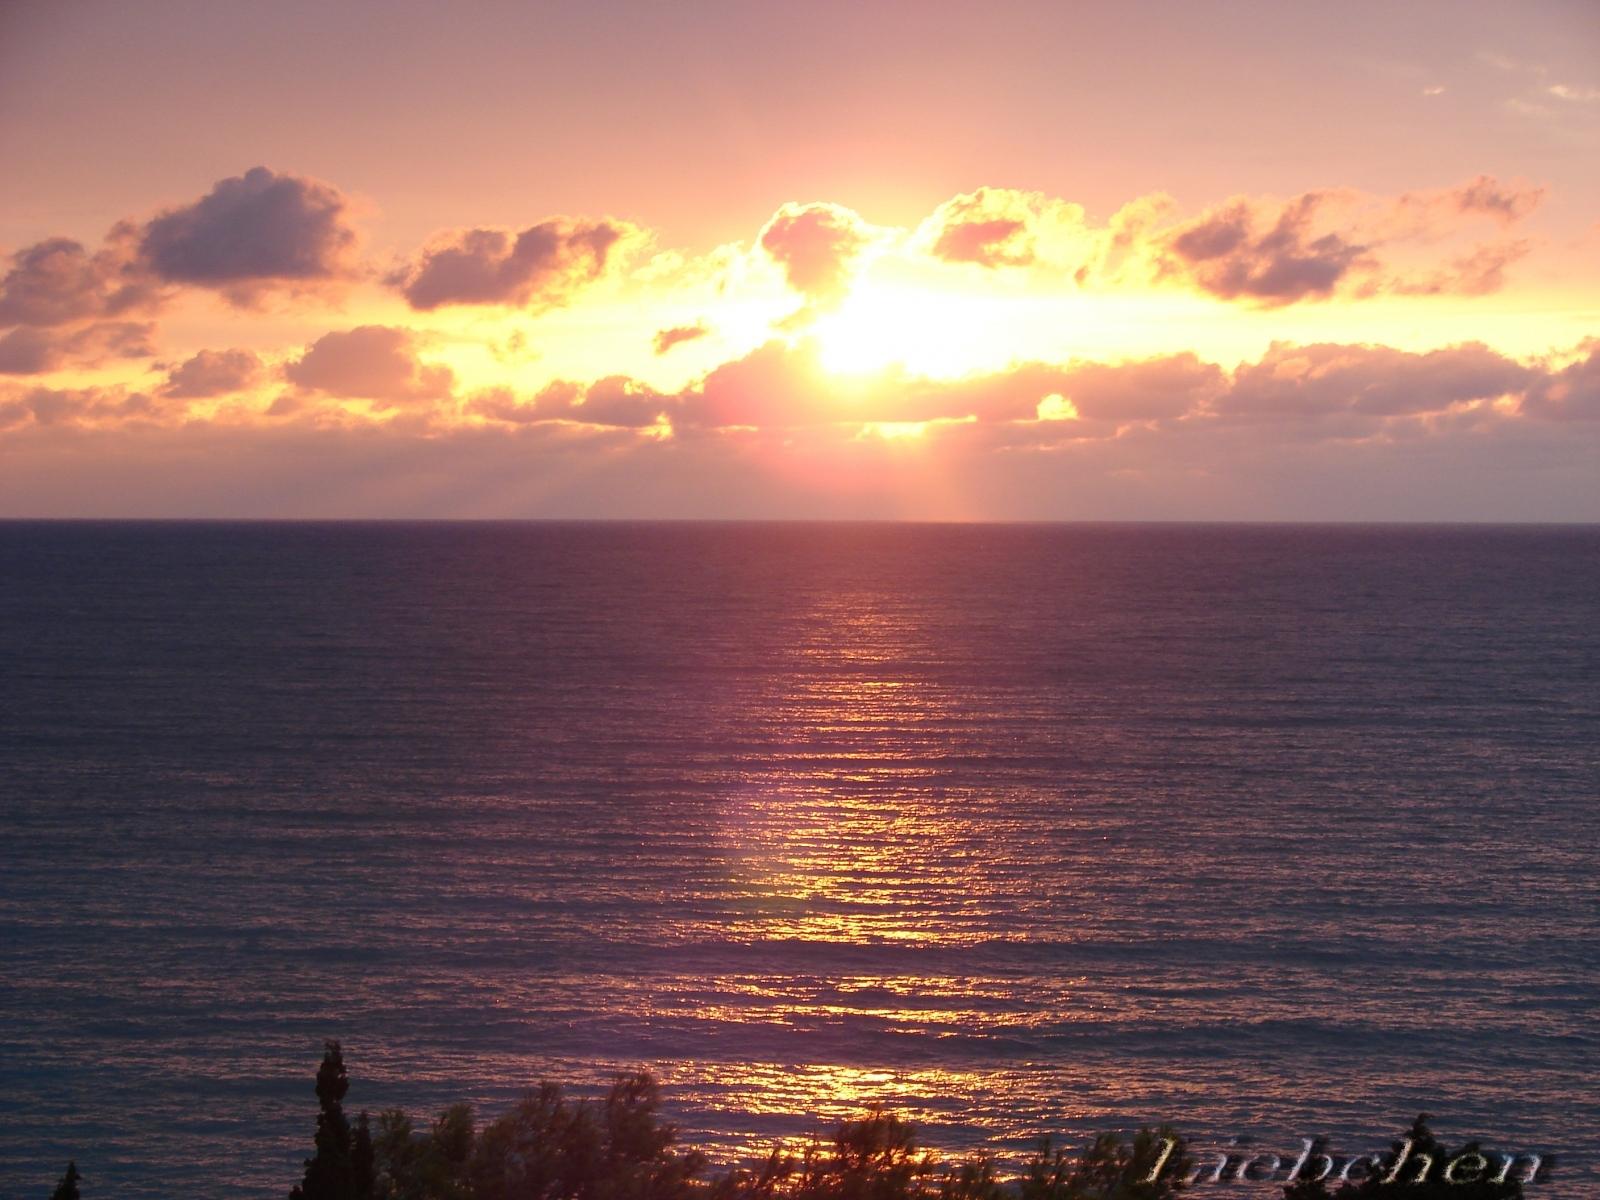 10265 скачать обои Пейзаж, Закат, Небо, Море, Солнце - заставки и картинки бесплатно